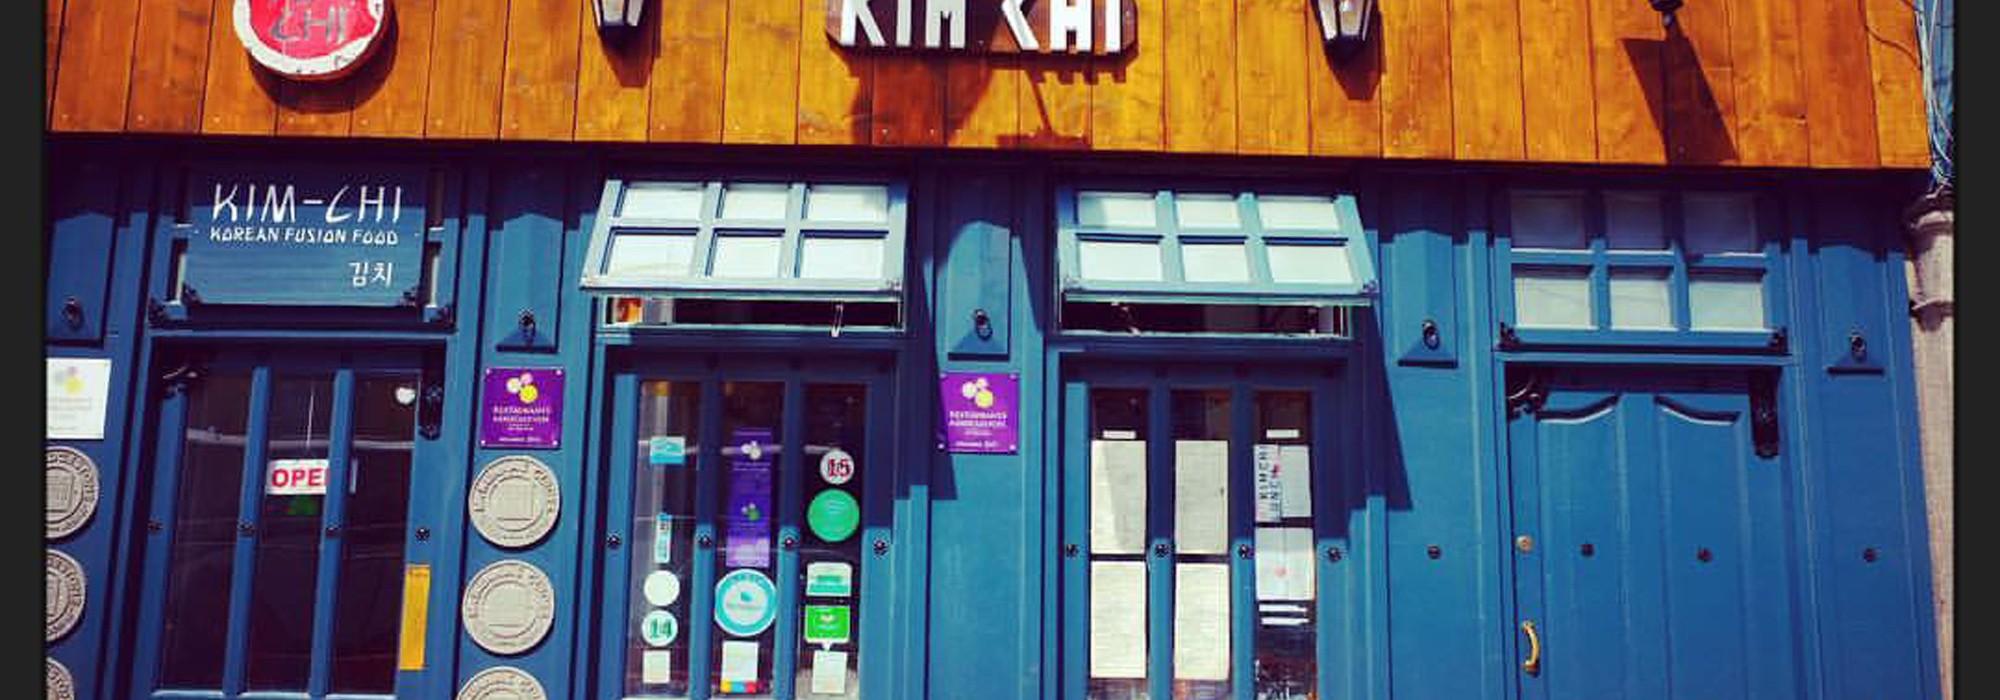 Kim Chi Hop house Front Door